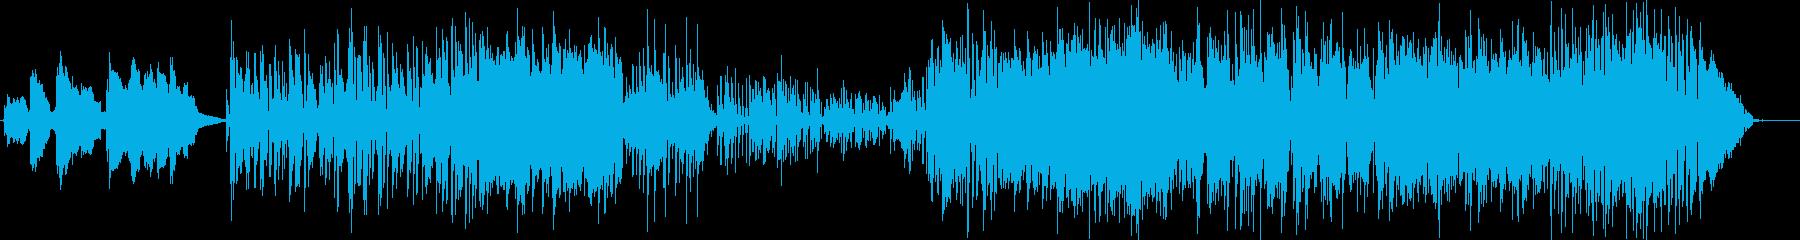 ジャズ。イントロサックスベースとリ...の再生済みの波形